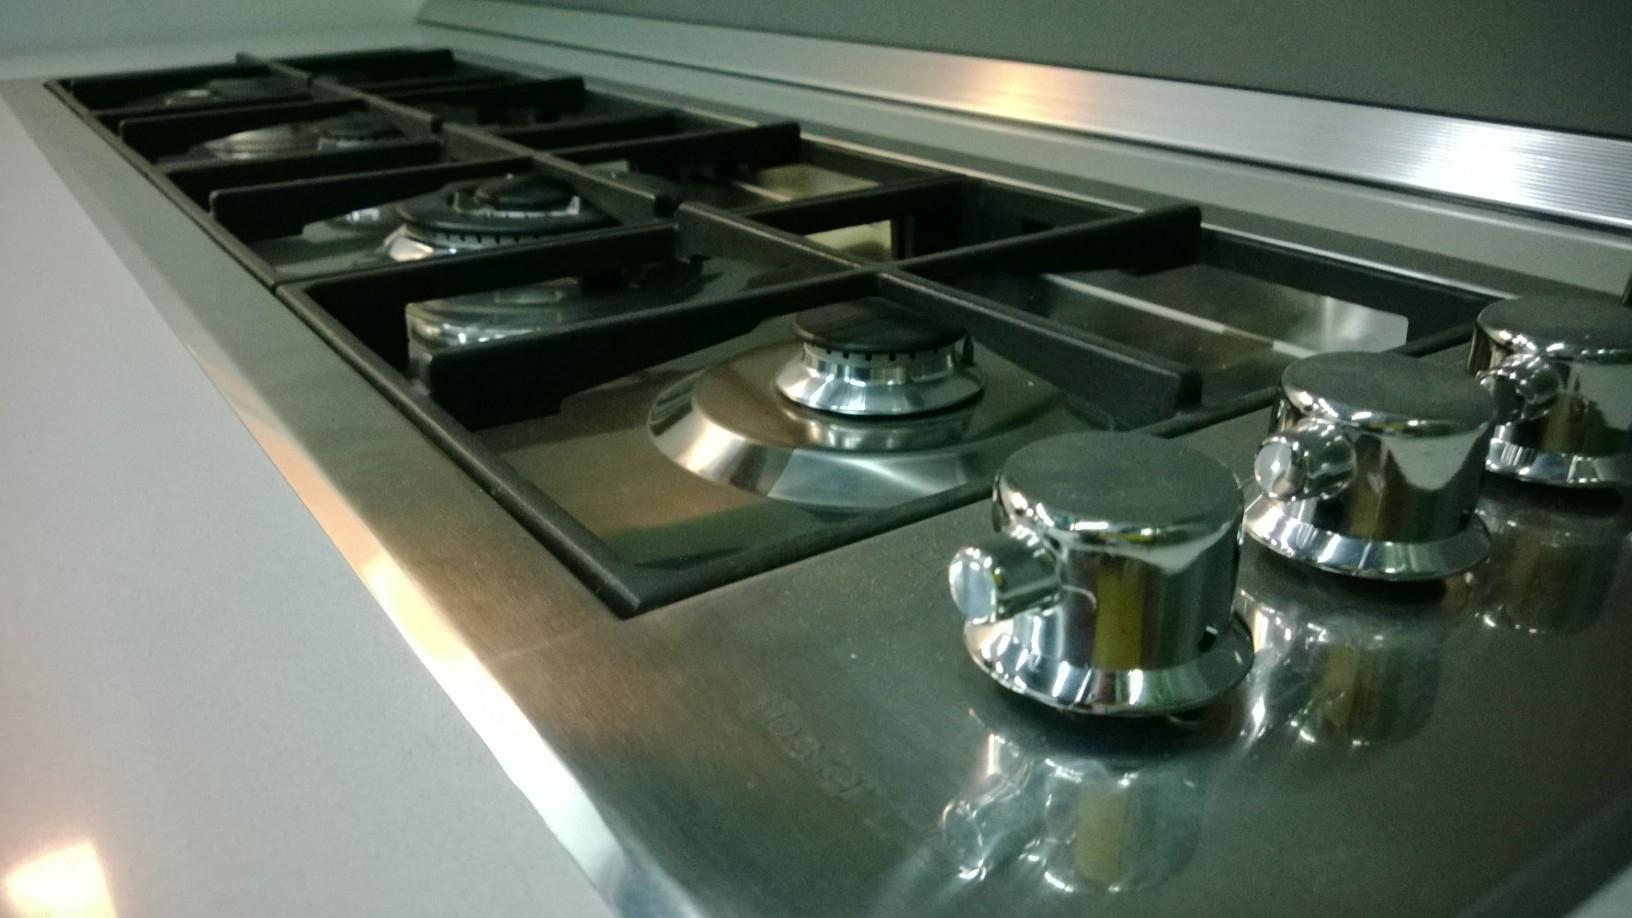 Cucina showroom scontata cucine a prezzi scontati for Modificato un piano di cabina di telaio